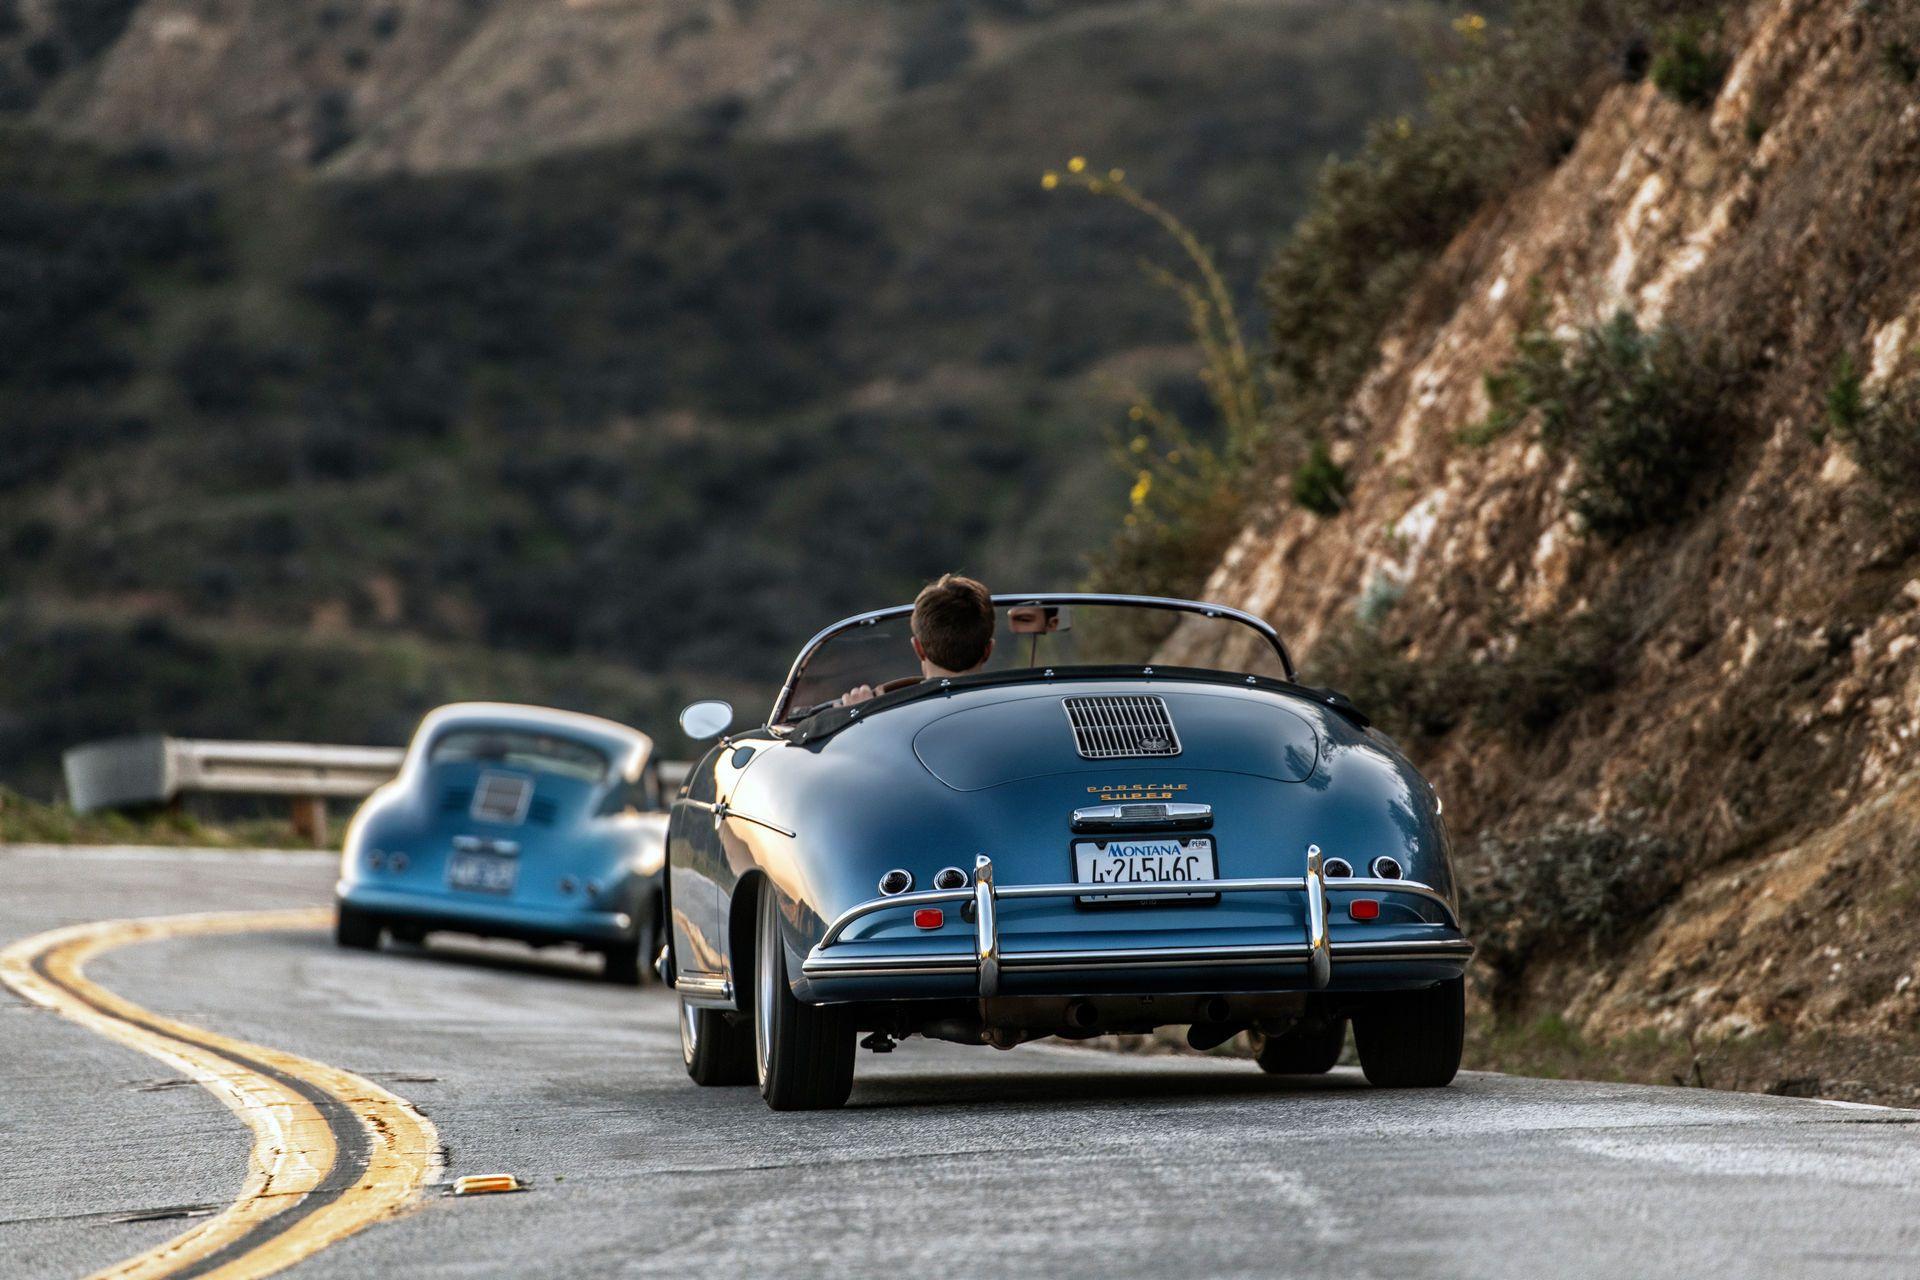 Porsche-356-A-Coupe-Restomod-Emory-Motorsports-19